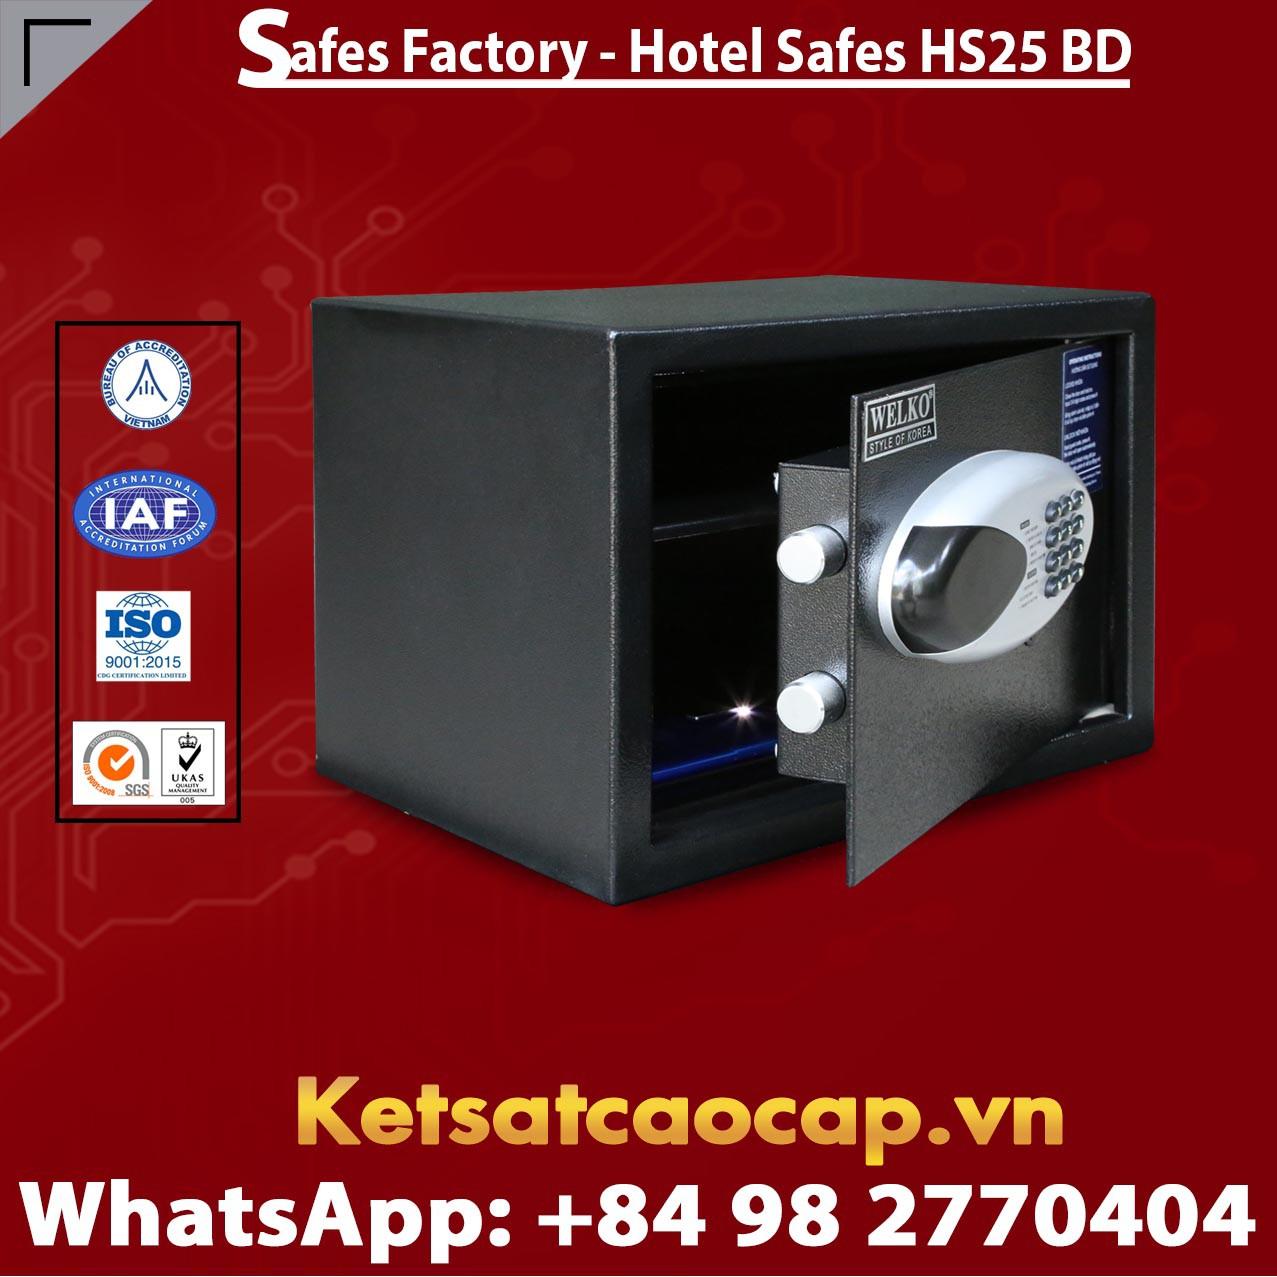 Hotel Safes  WELKO HS25 BD